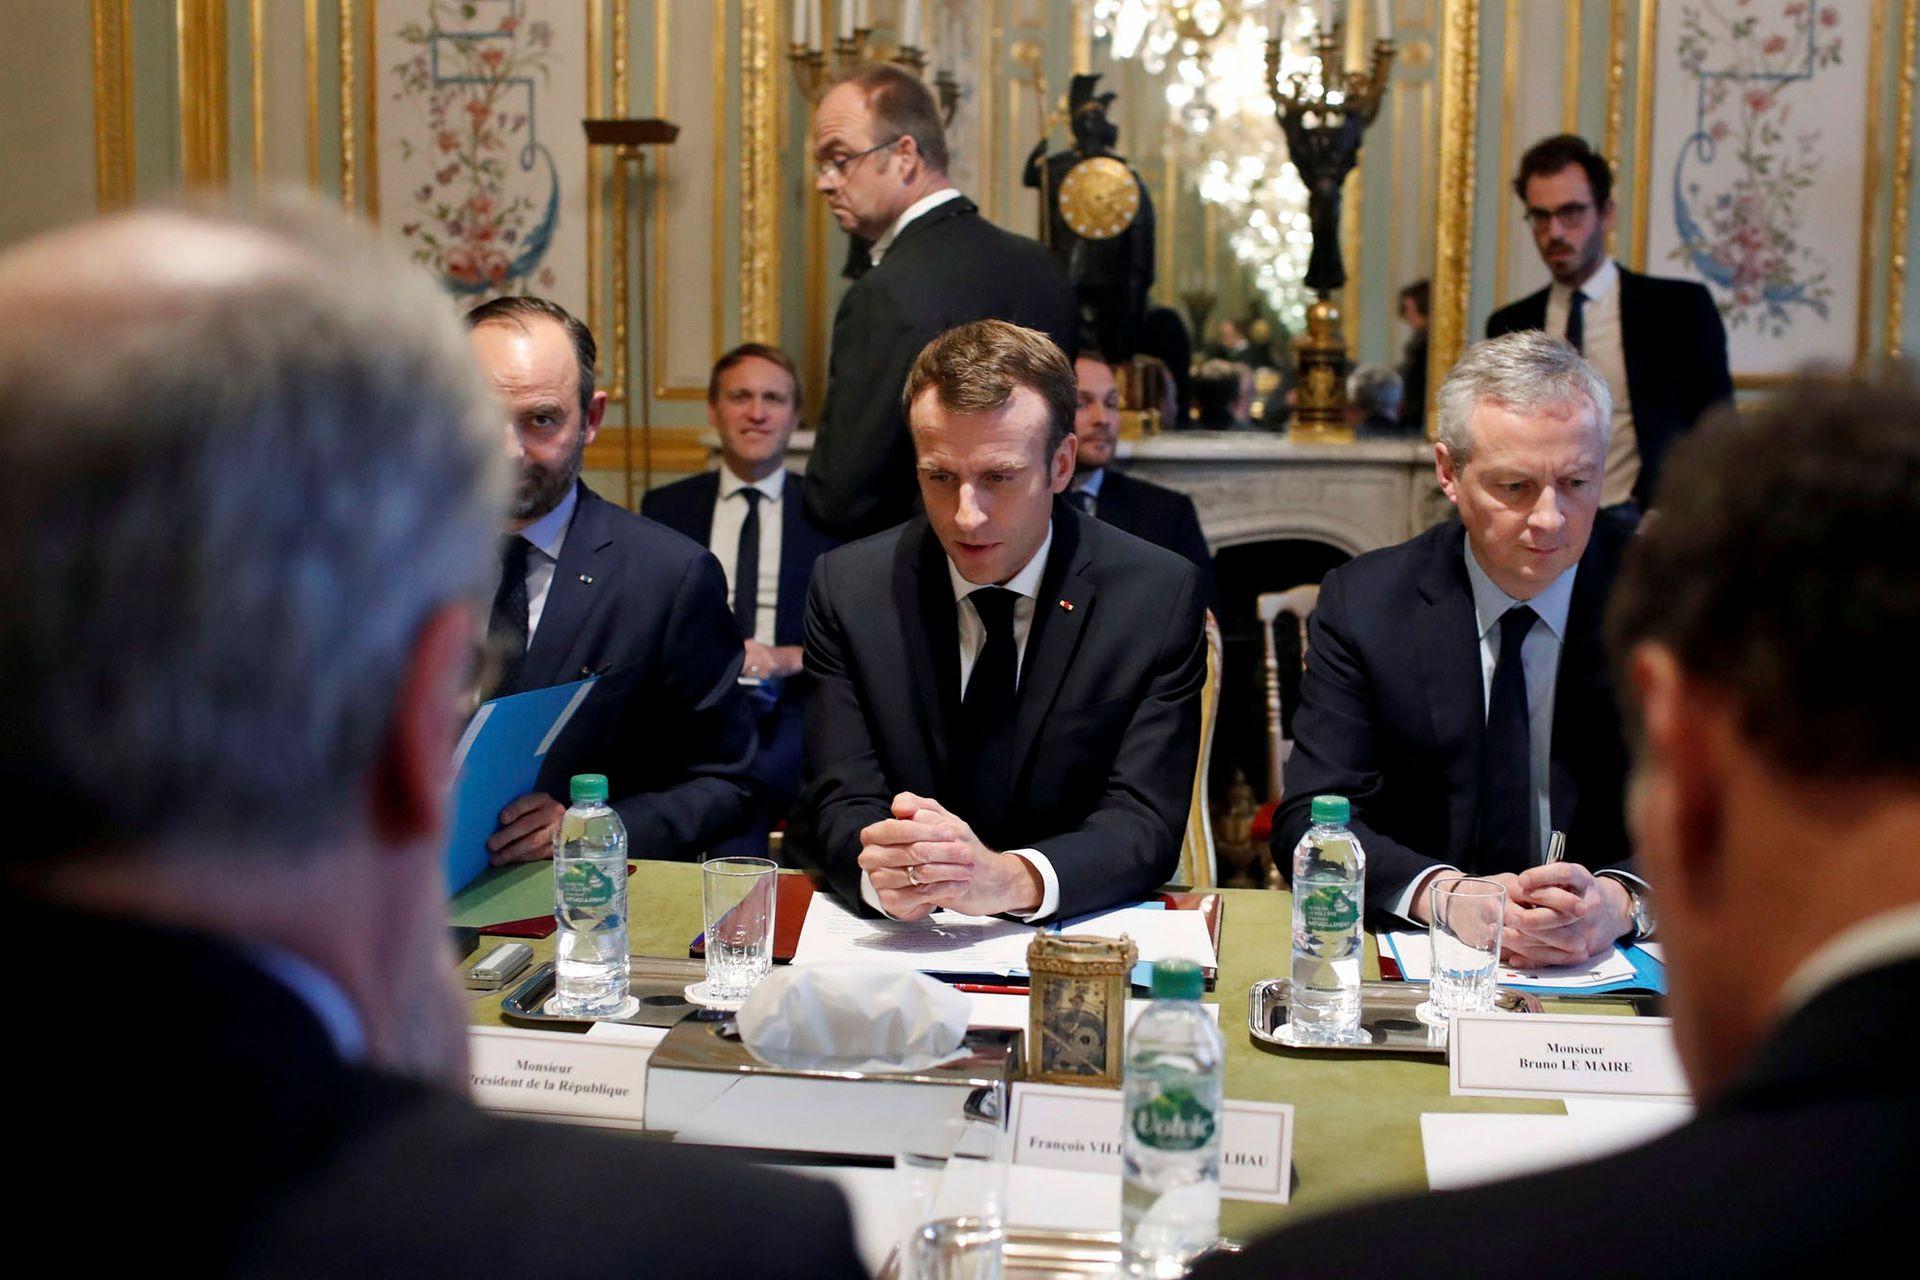 Mientras la Argentina aspira a lograr un acuerdo comercial con la UE, los líderes europeos enfrentan crisis de diversa índole en sus propios territorios; en la foto, Emmanuel Macron durante una reunión en París